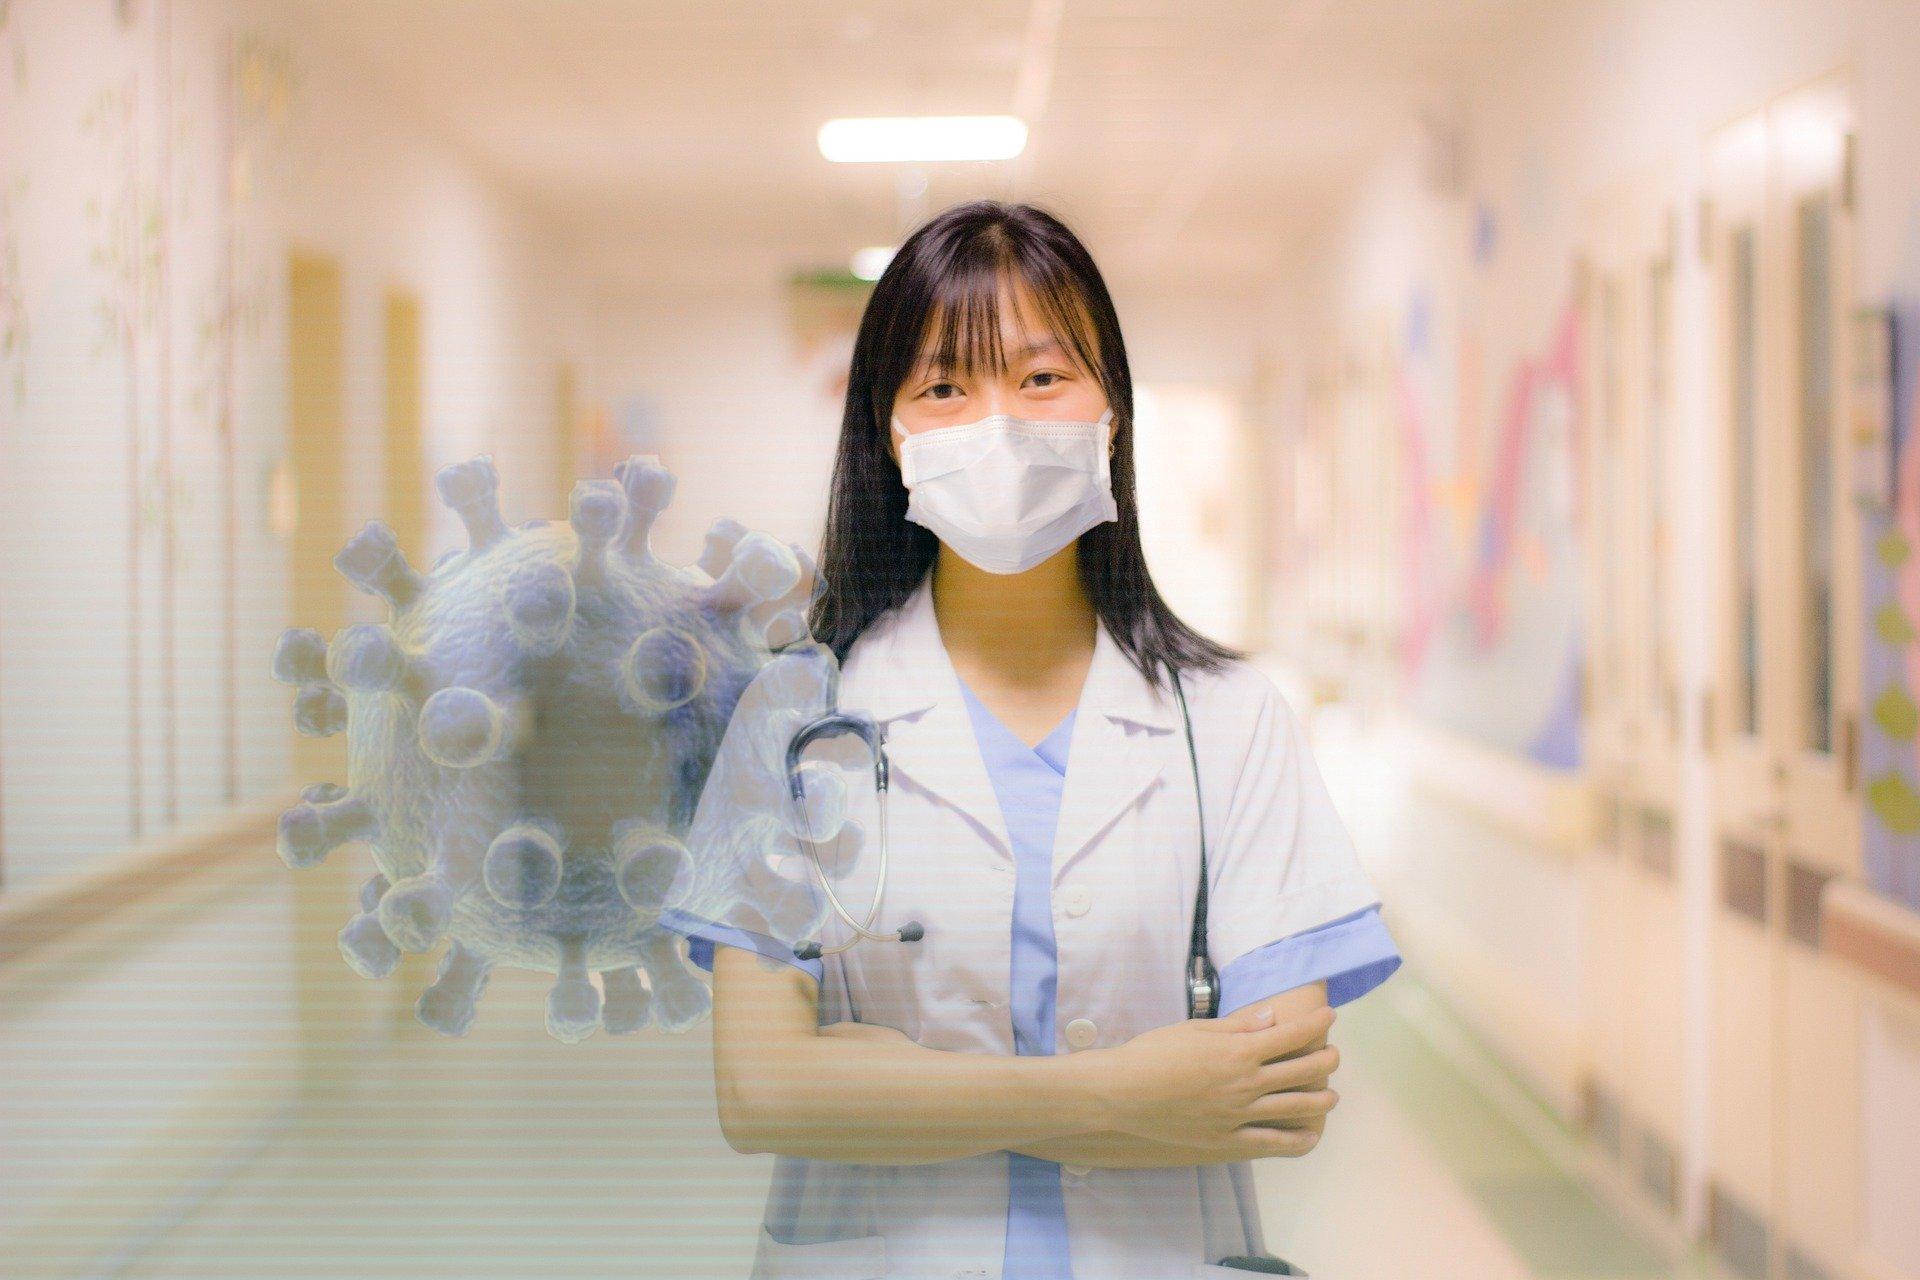 Частная медицинская страховка и коронавирус